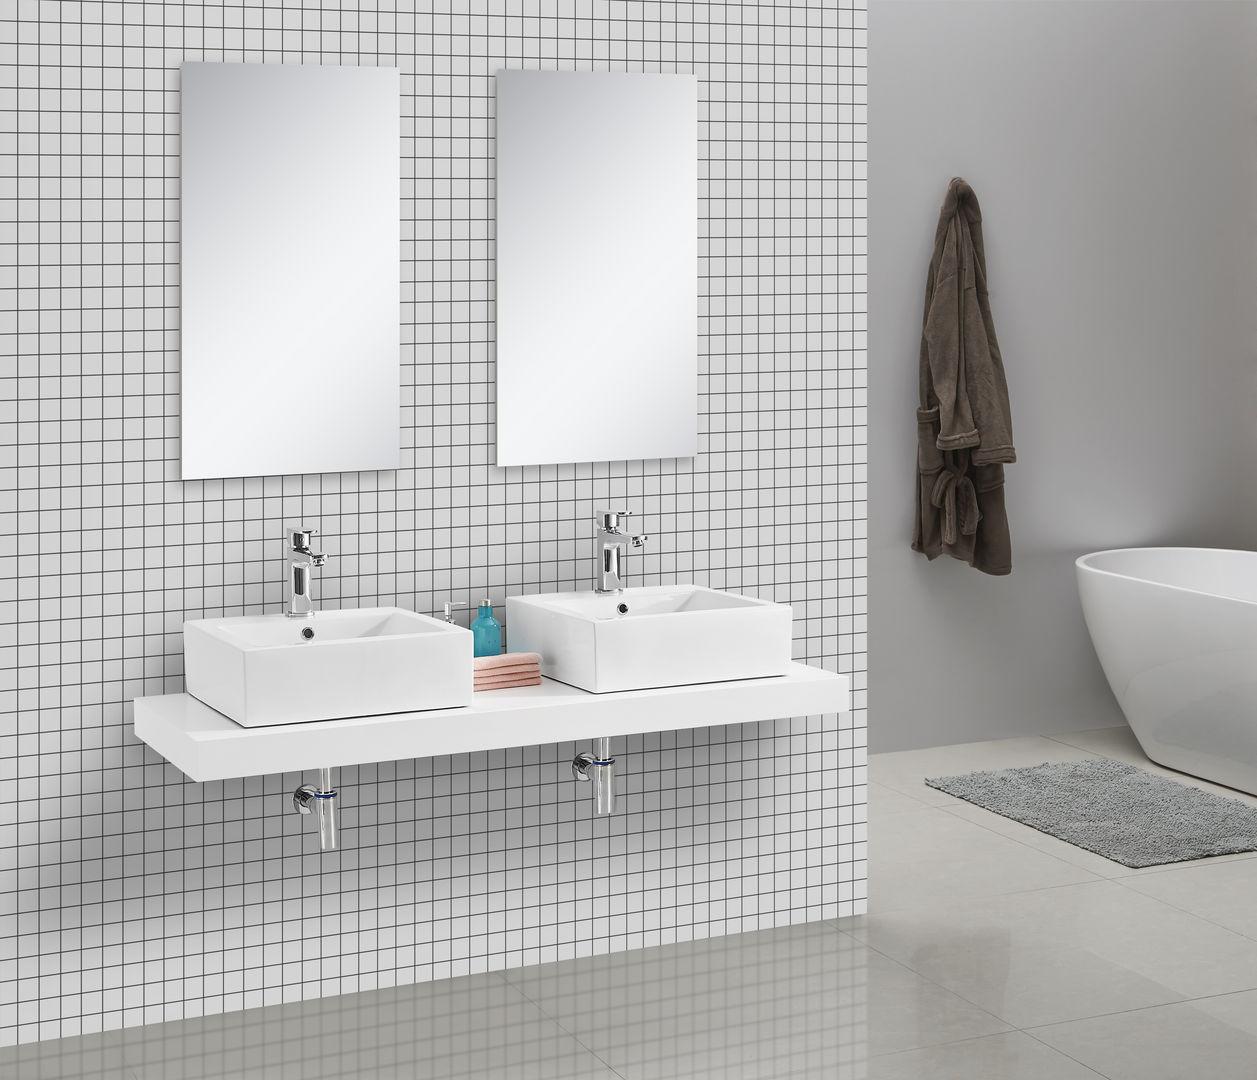 Waschtischkonsole CADENA 150 x 50 cm, Echtholz (weiß)